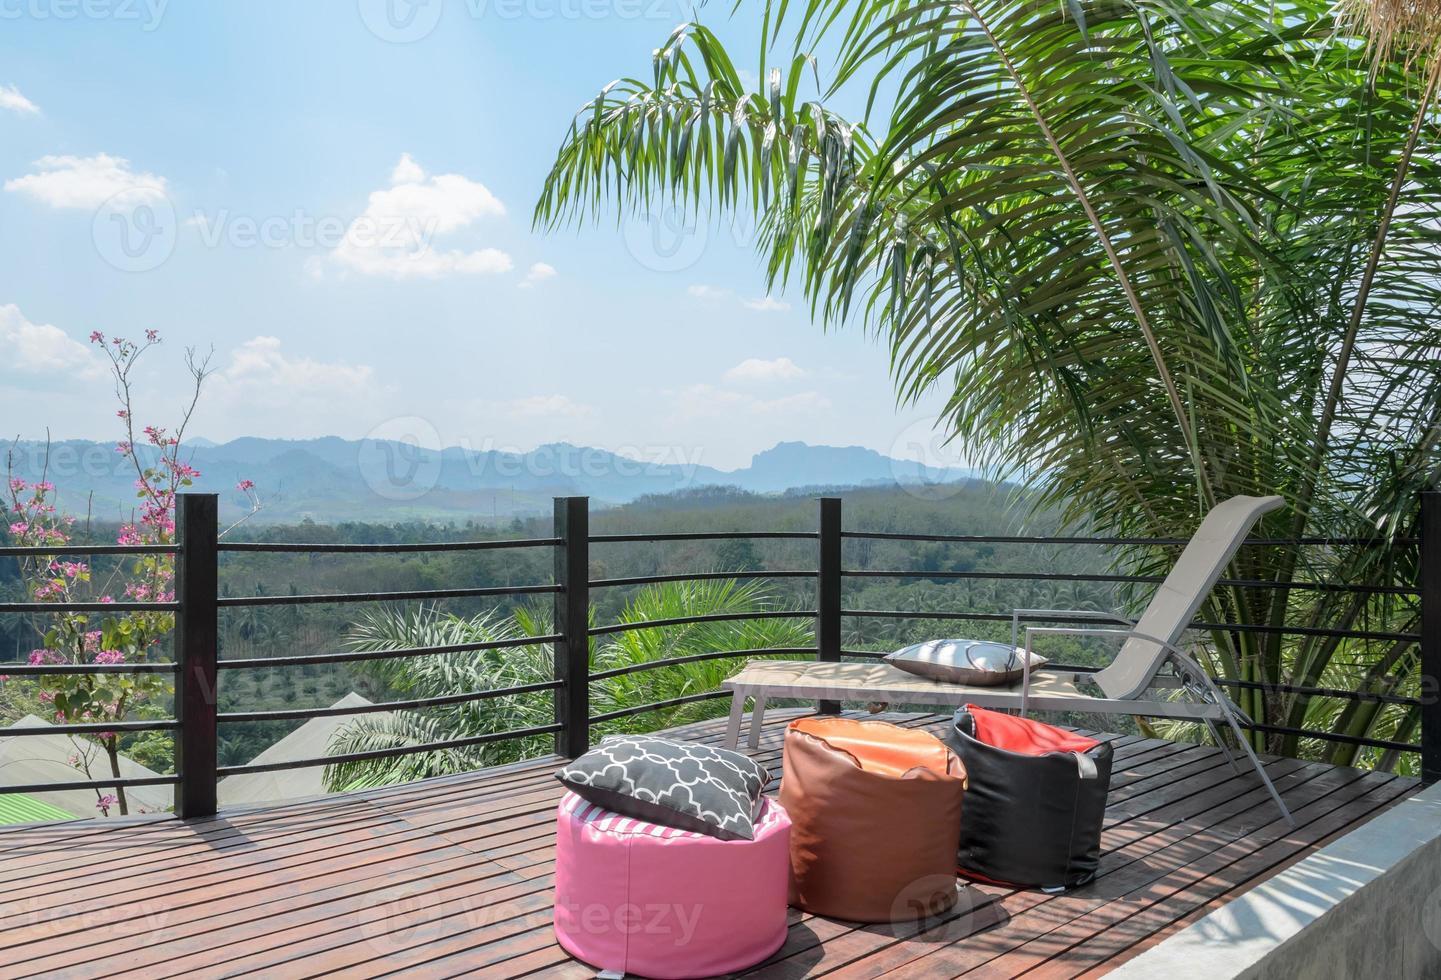 Außenterrasse mit Blick auf die Berge in Thailand foto